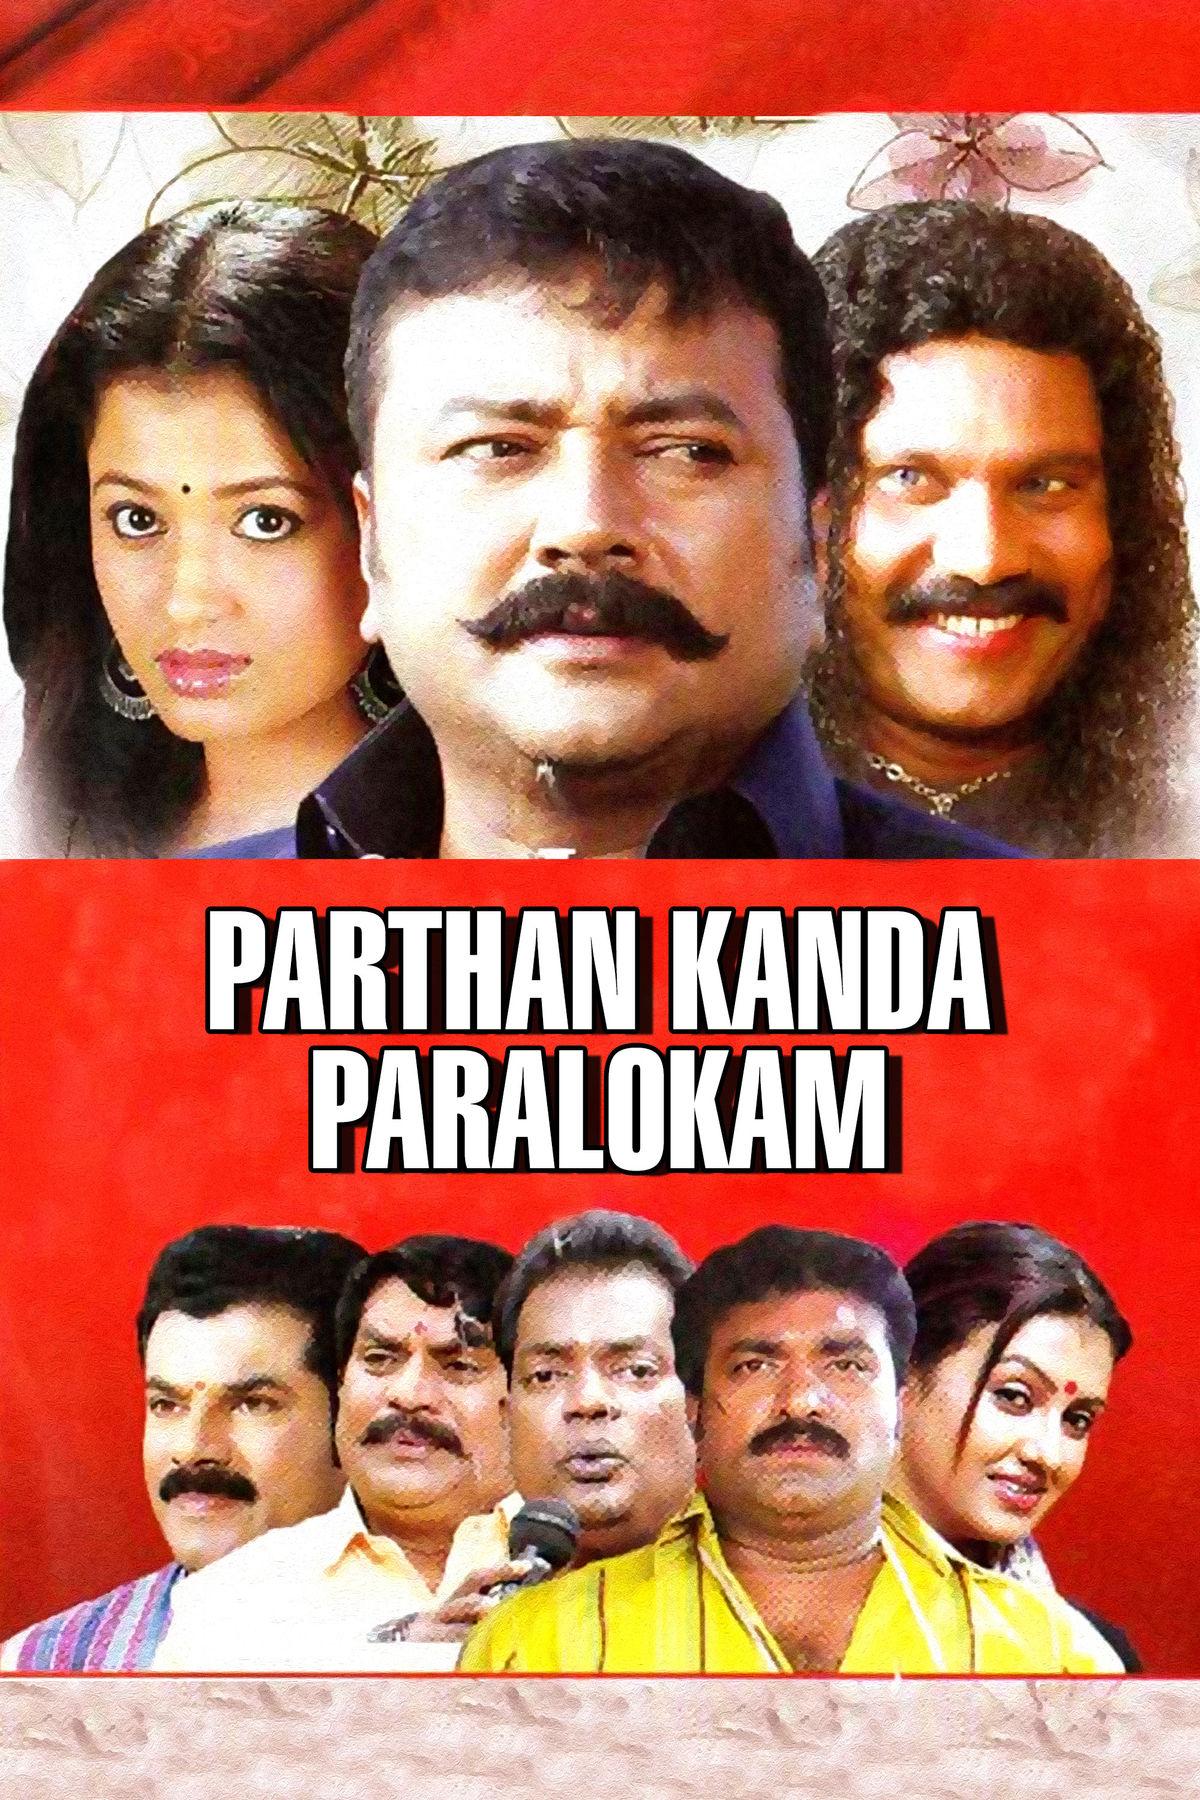 Parthan Kanda Paralokam